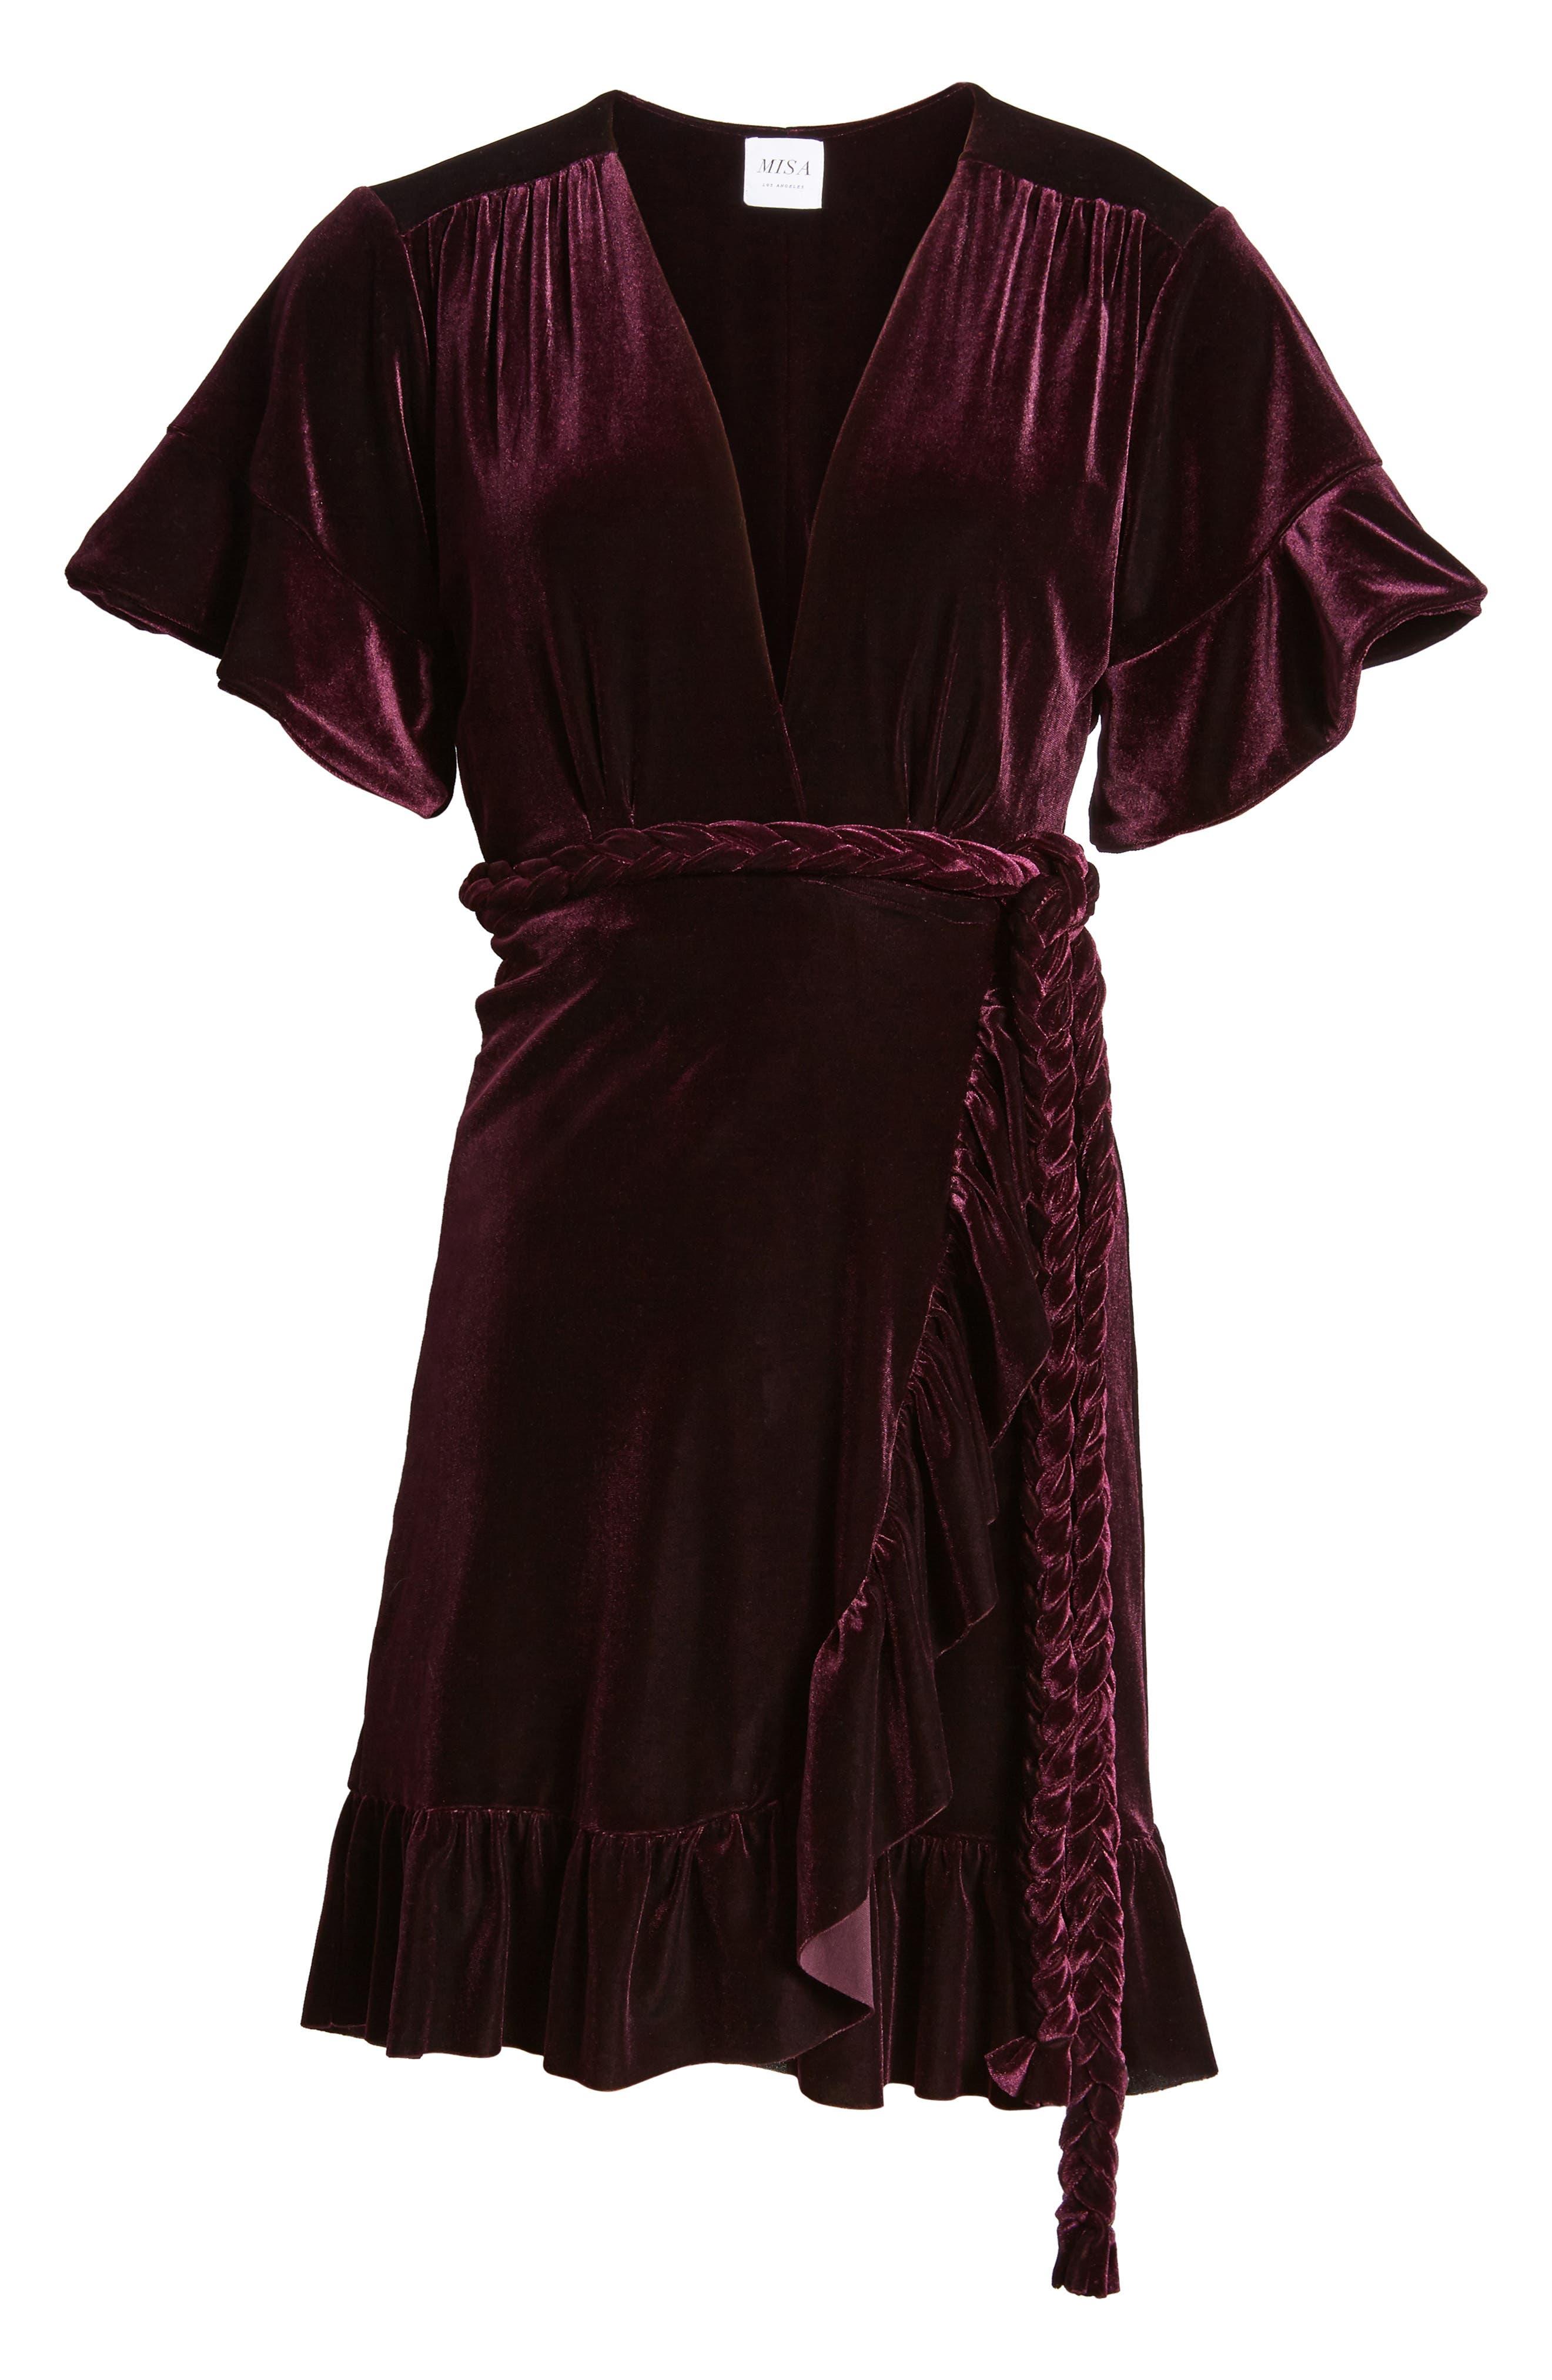 Desma Velvet Wrap Dress,                             Alternate thumbnail 6, color,                             505